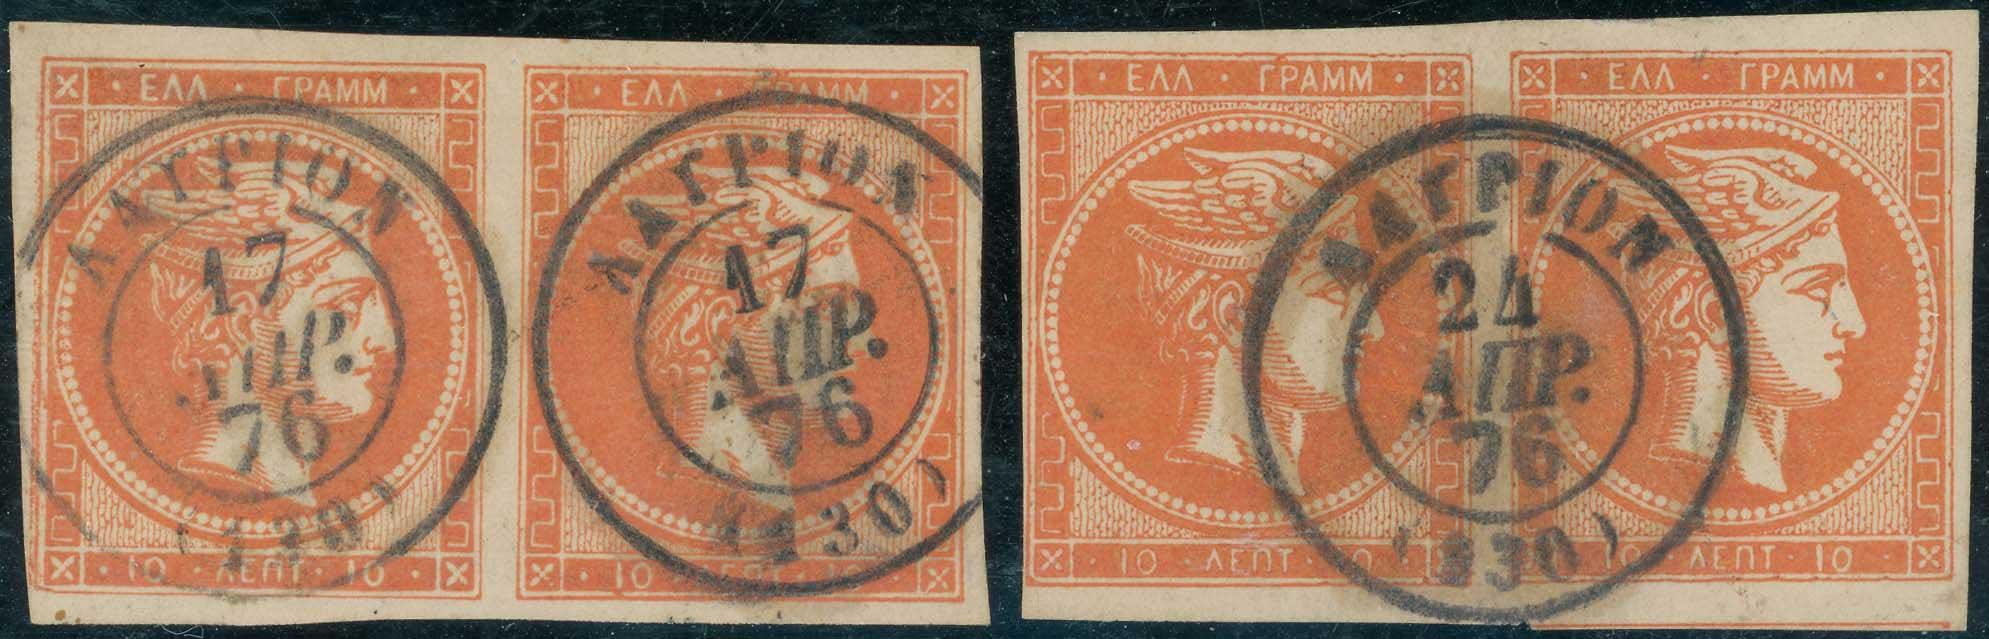 Lot 214 - -  LARGE HERMES HEAD 1875/80 cream paper -  A. Karamitsos Public & Live Internet Auction 675